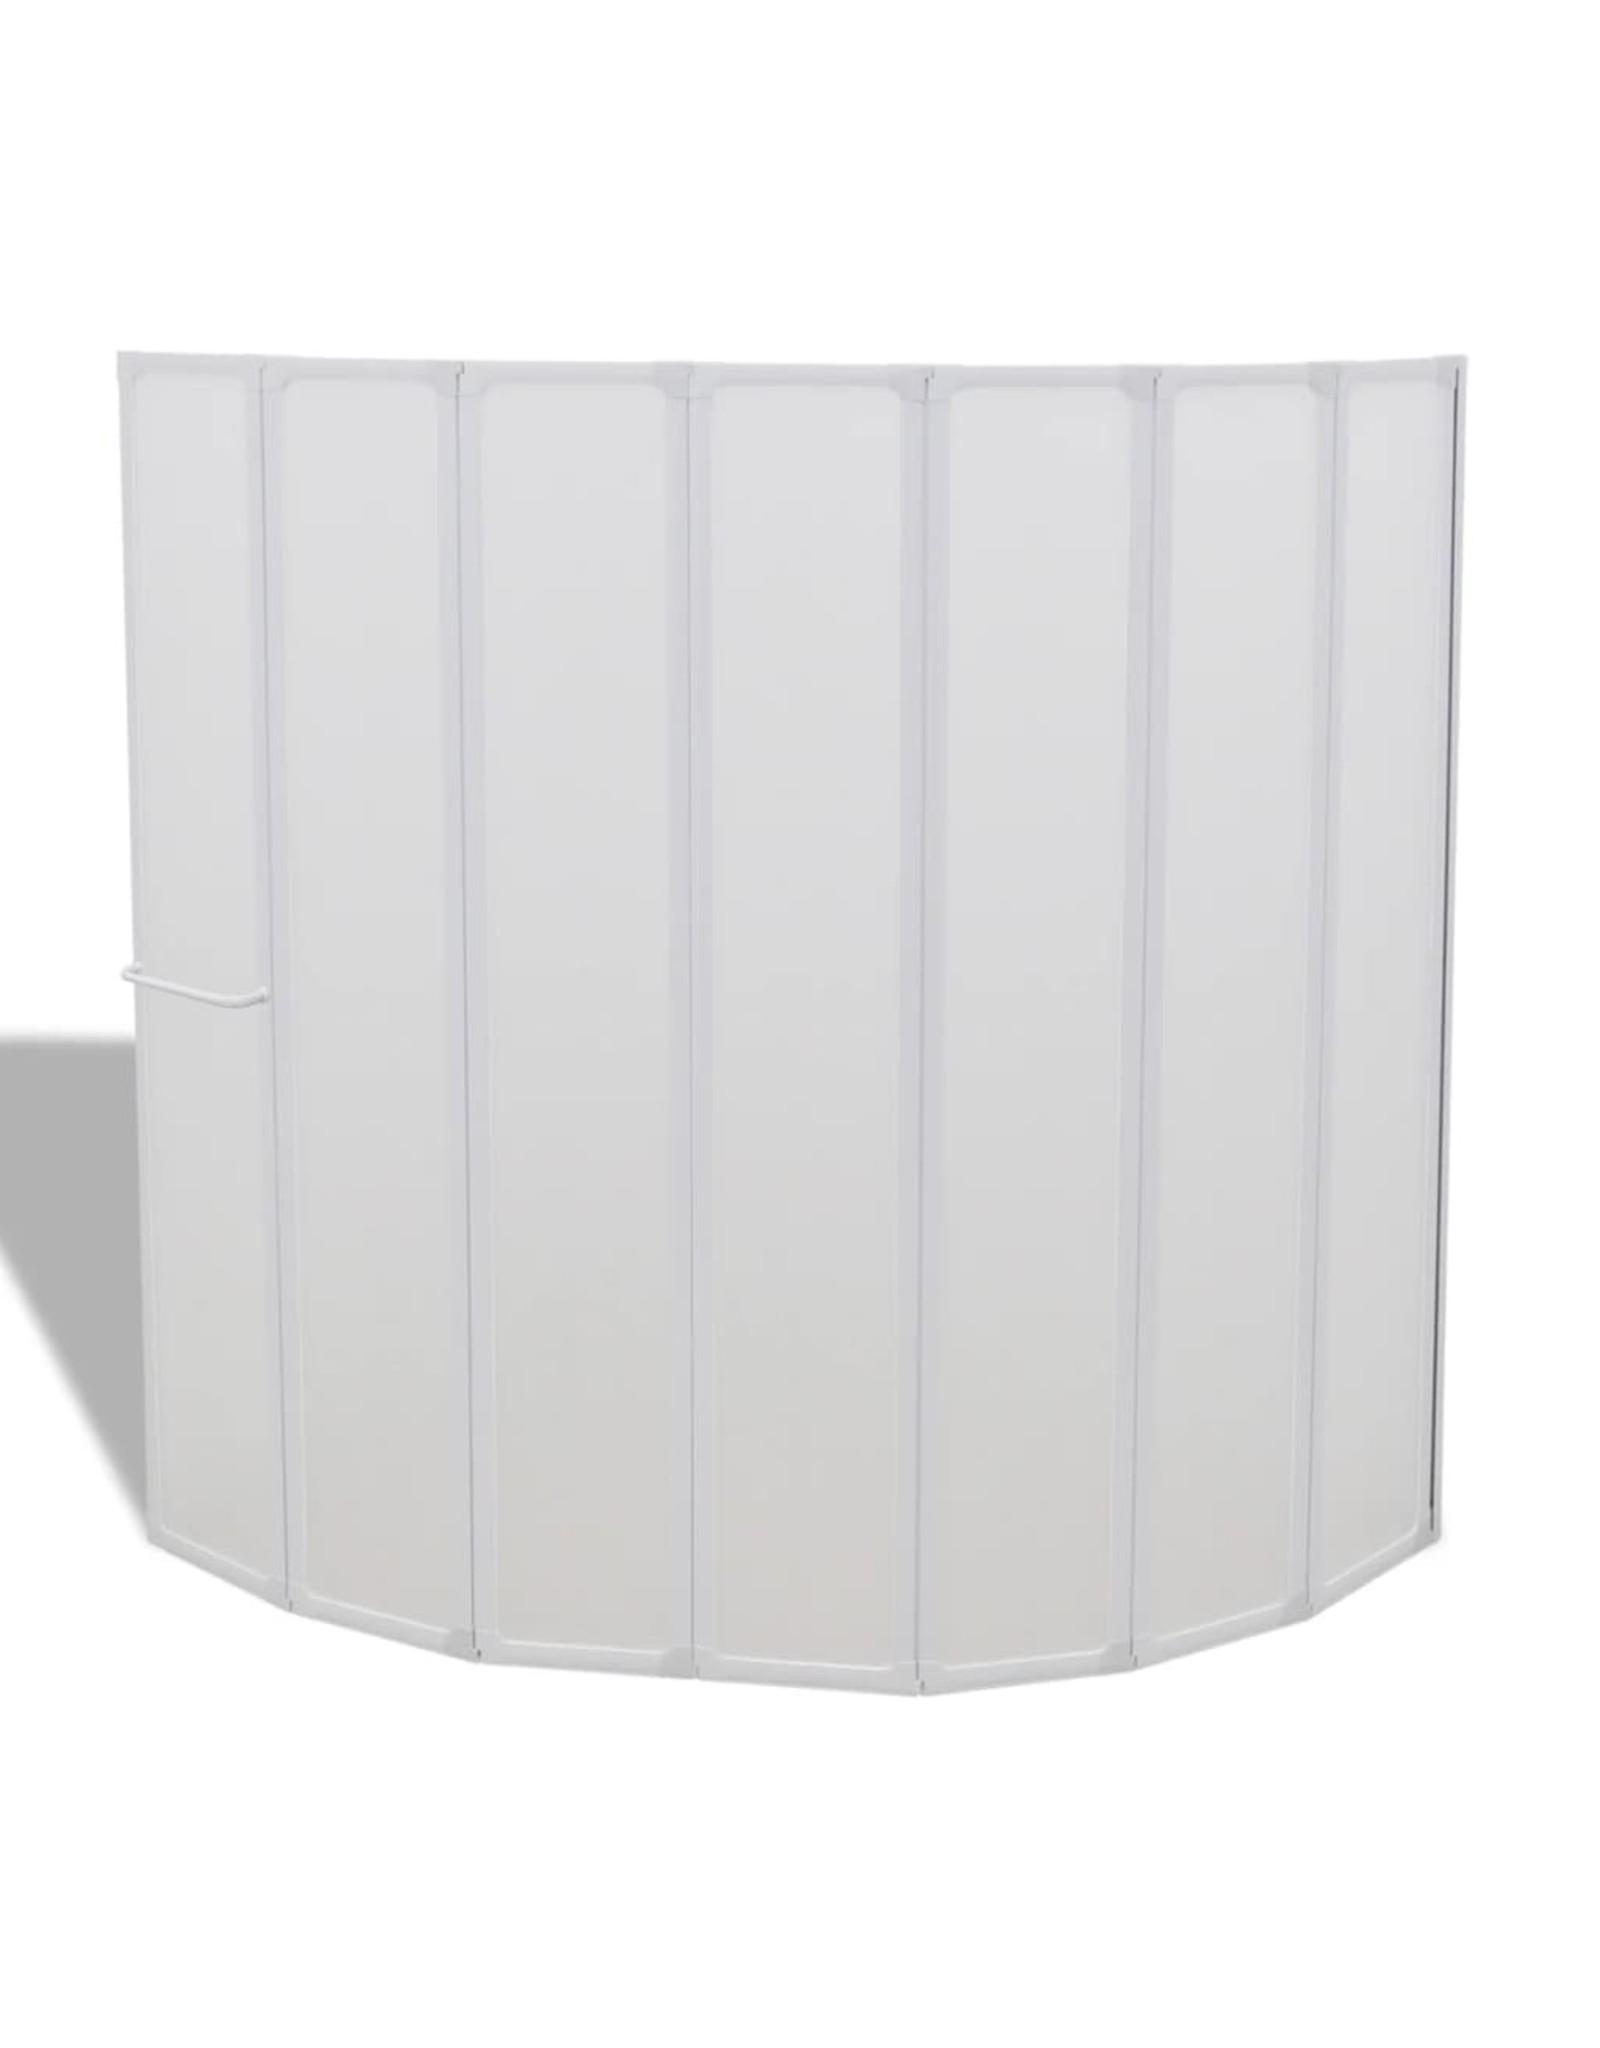 Douche en badscherm 140 x 168 cm 7 panelen met handdoekrek